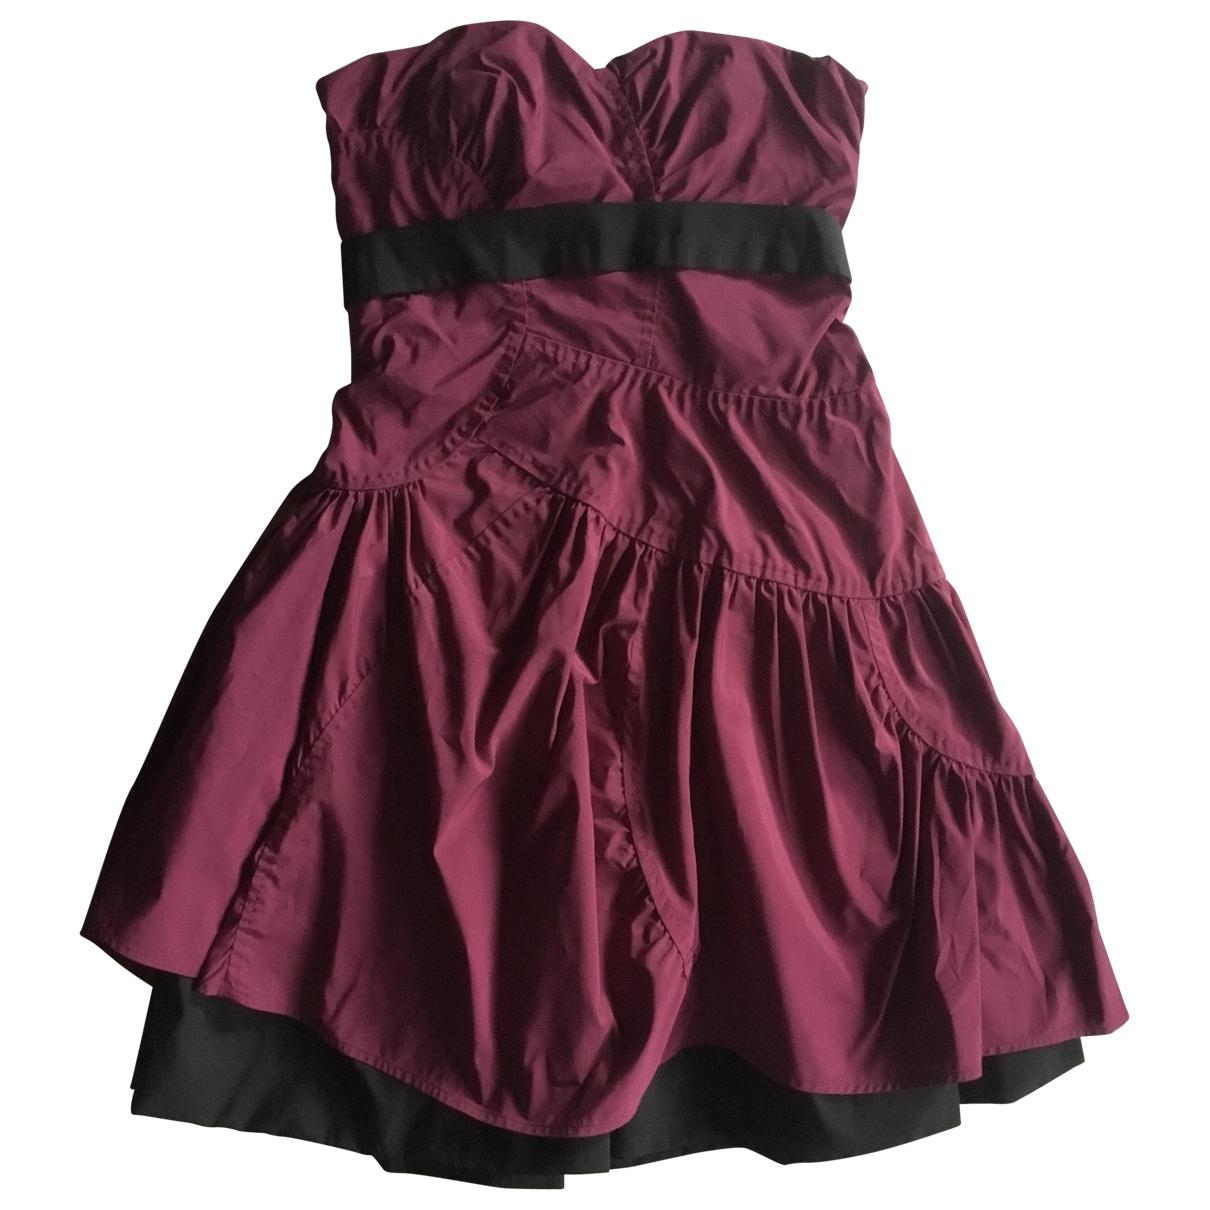 Miu Miu \N Kleid in  Rosa Polyester